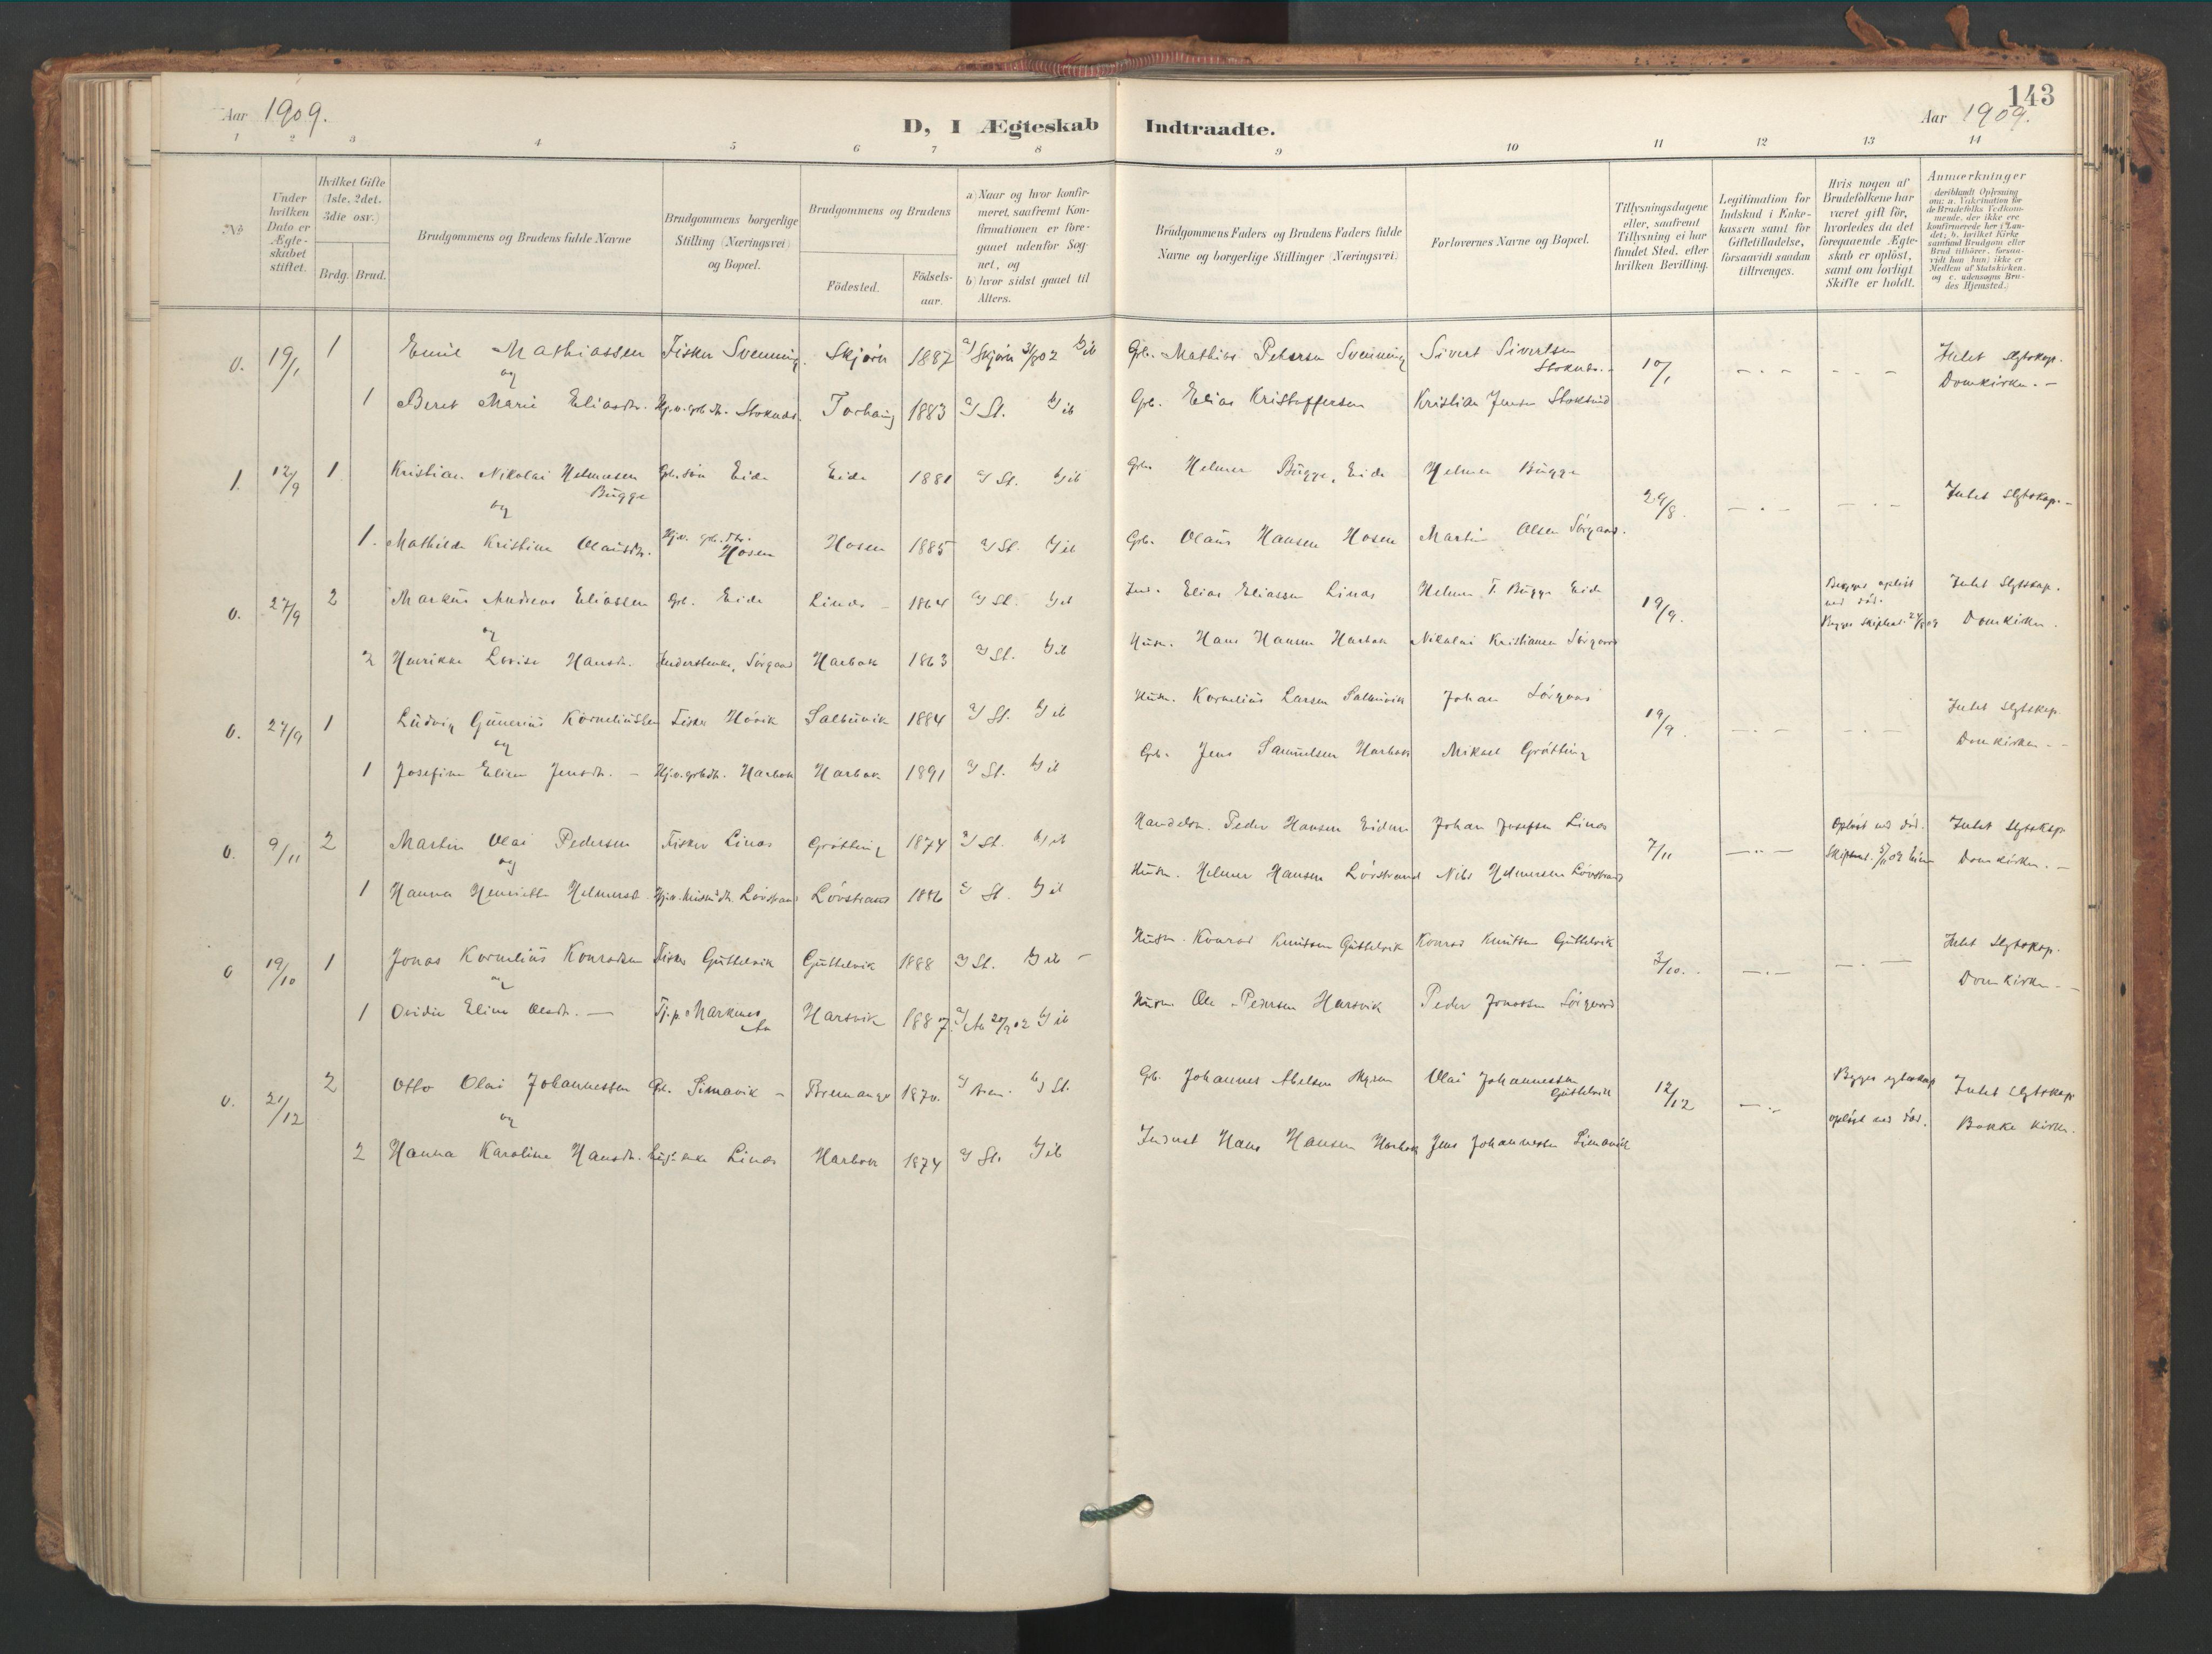 SAT, Ministerialprotokoller, klokkerbøker og fødselsregistre - Sør-Trøndelag, 656/L0693: Ministerialbok nr. 656A02, 1894-1913, s. 143